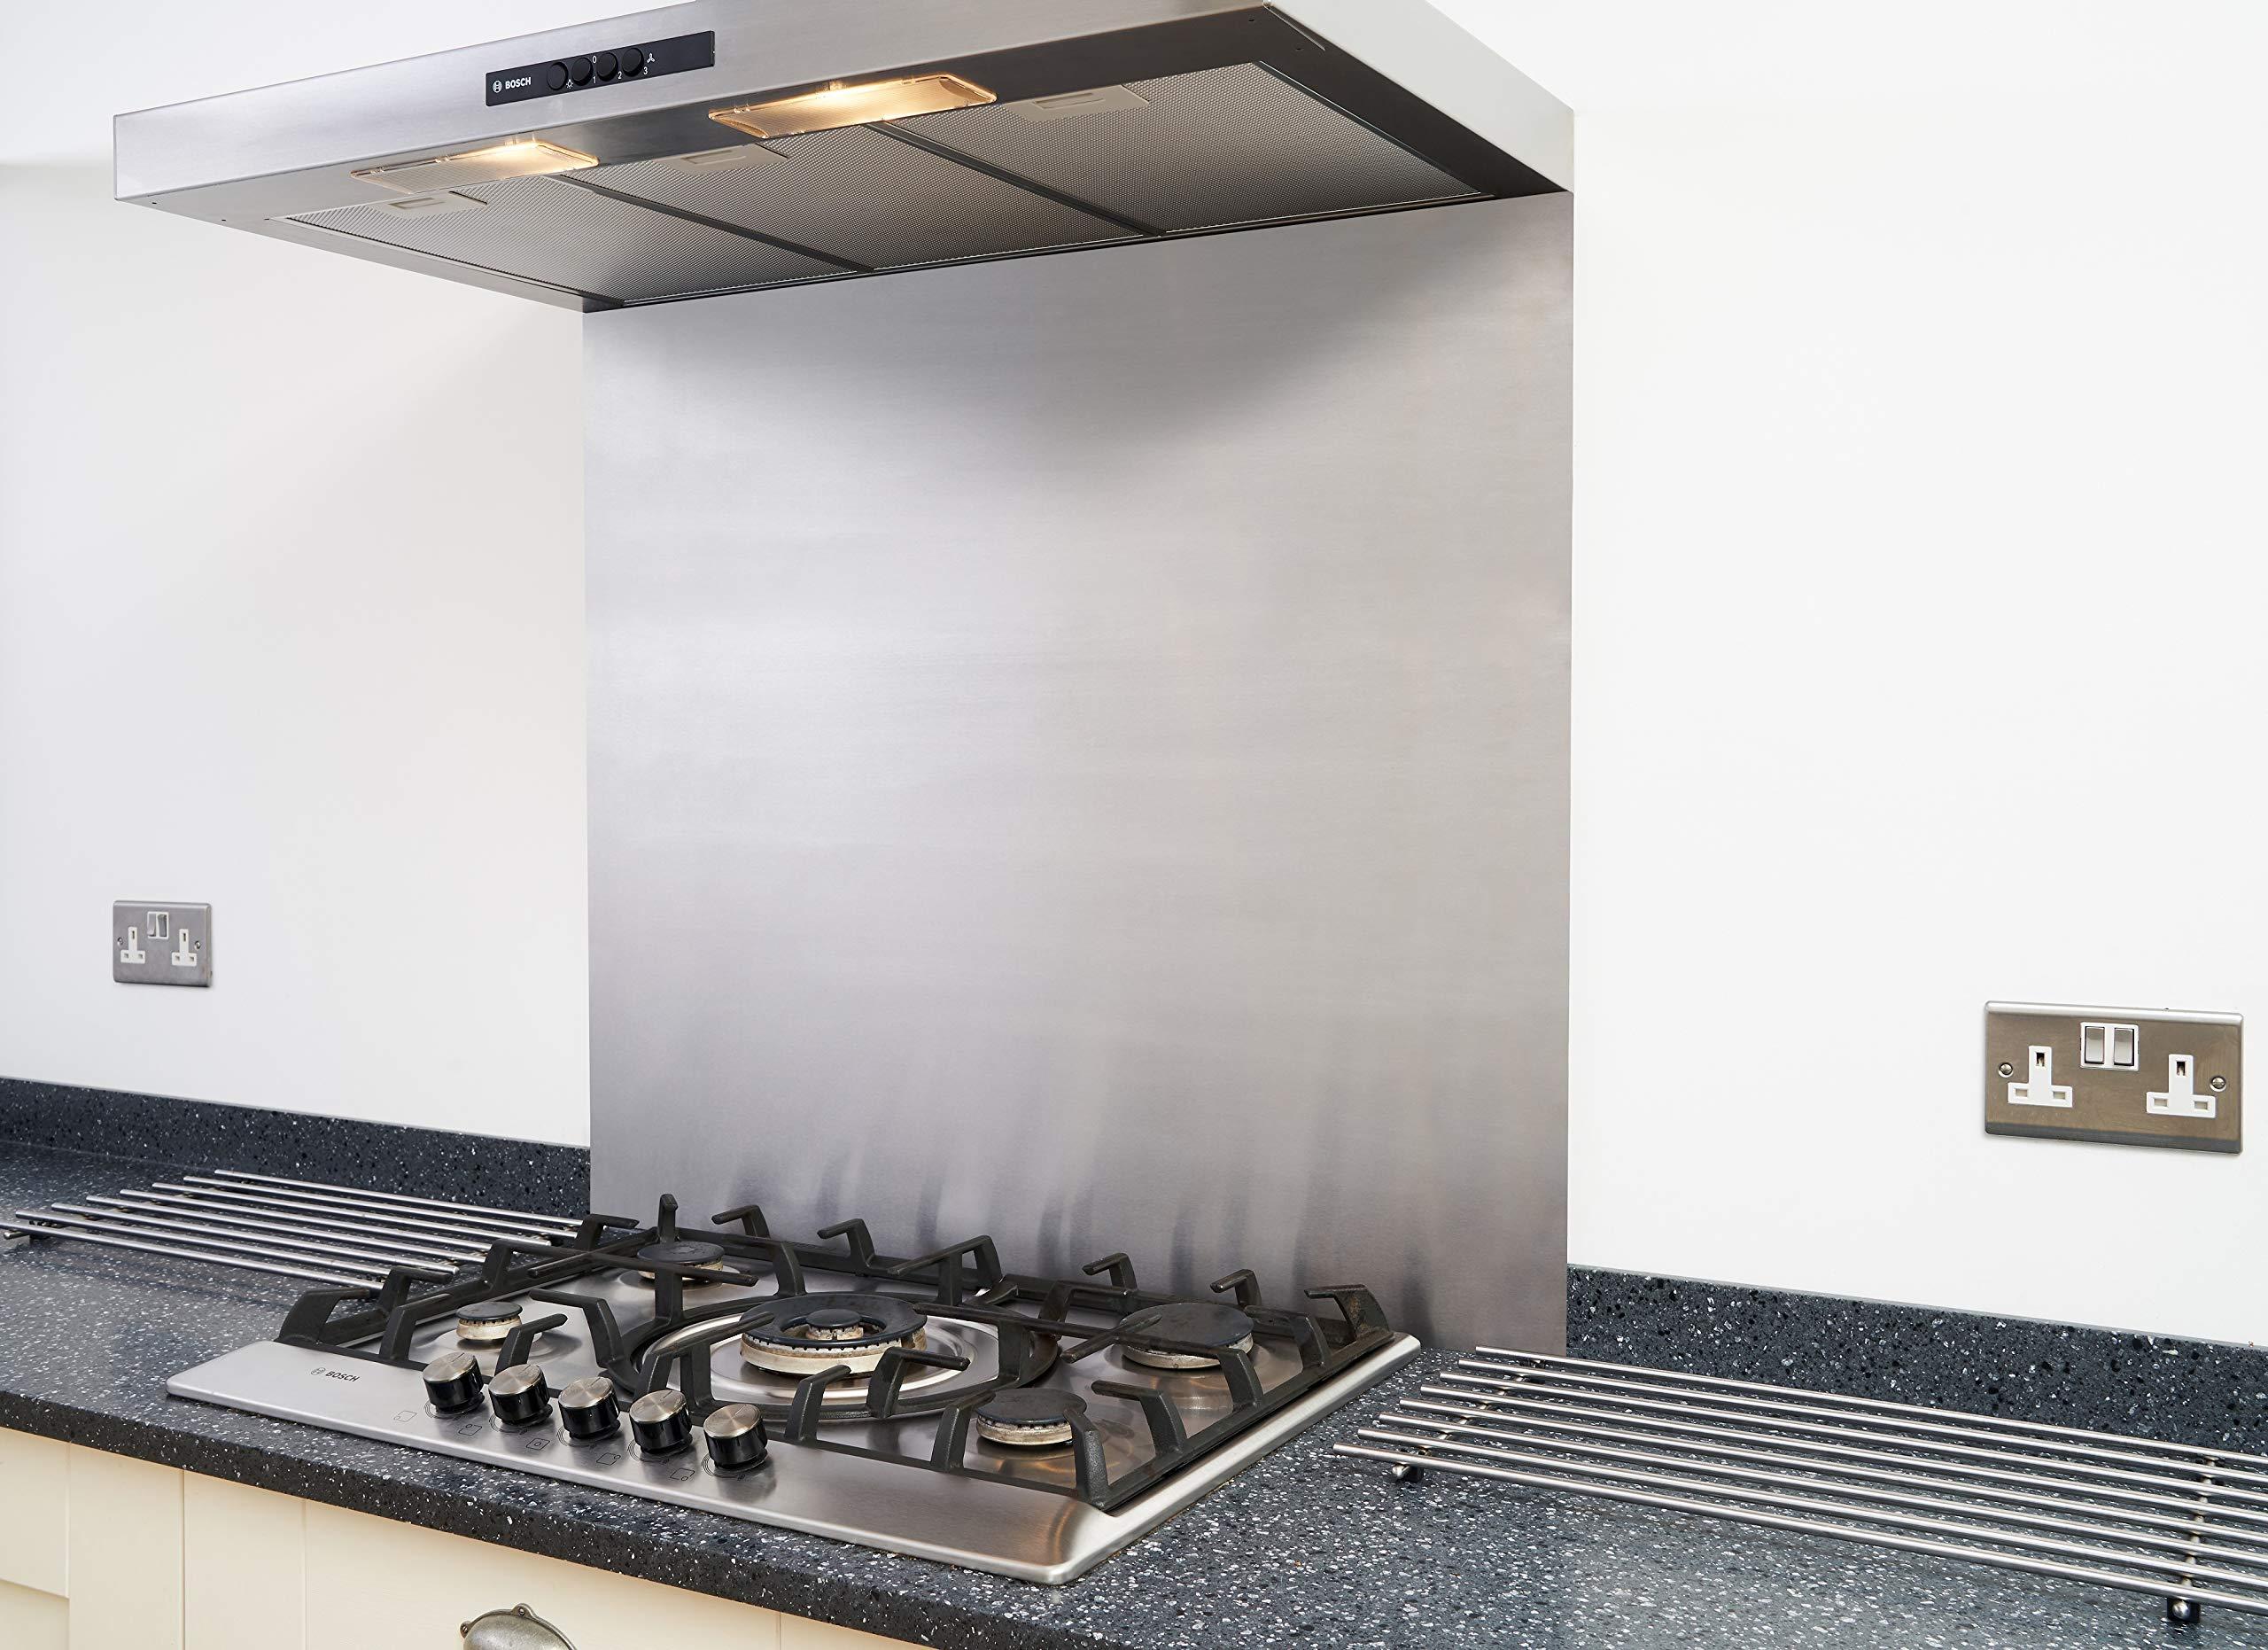 Tapa de acero inoxidable satinado para cocina o campana de cocina, 600 x 450 mm, fácil de instalar, con registro de IVA: Amazon.es: Hogar